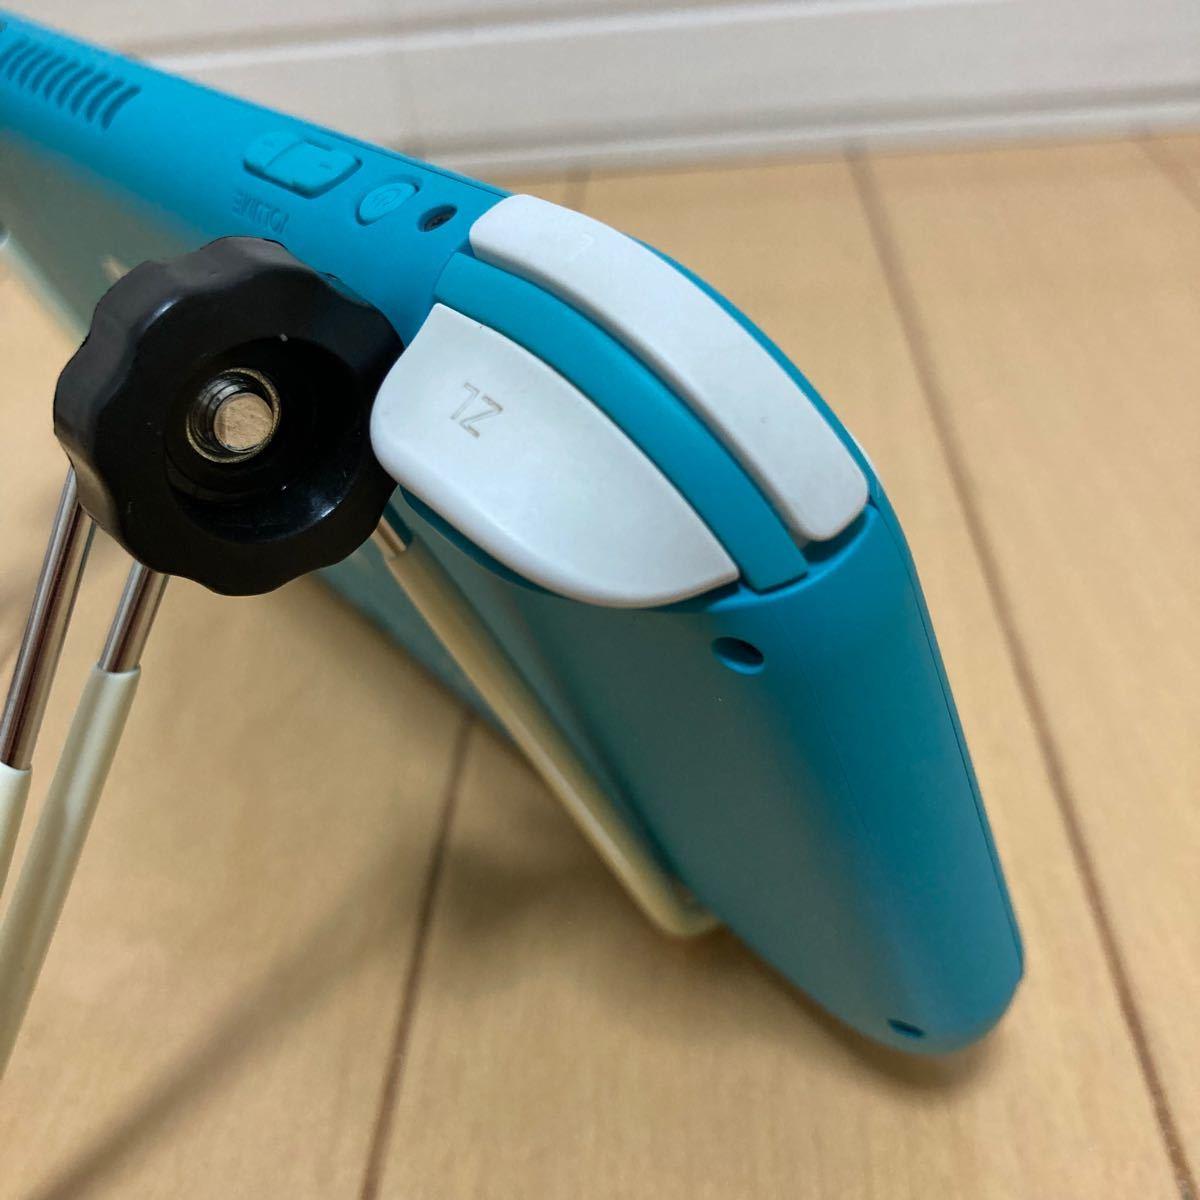 Nintendo switch lite 動作確認済み ターコイズ 任天堂スイッチライト